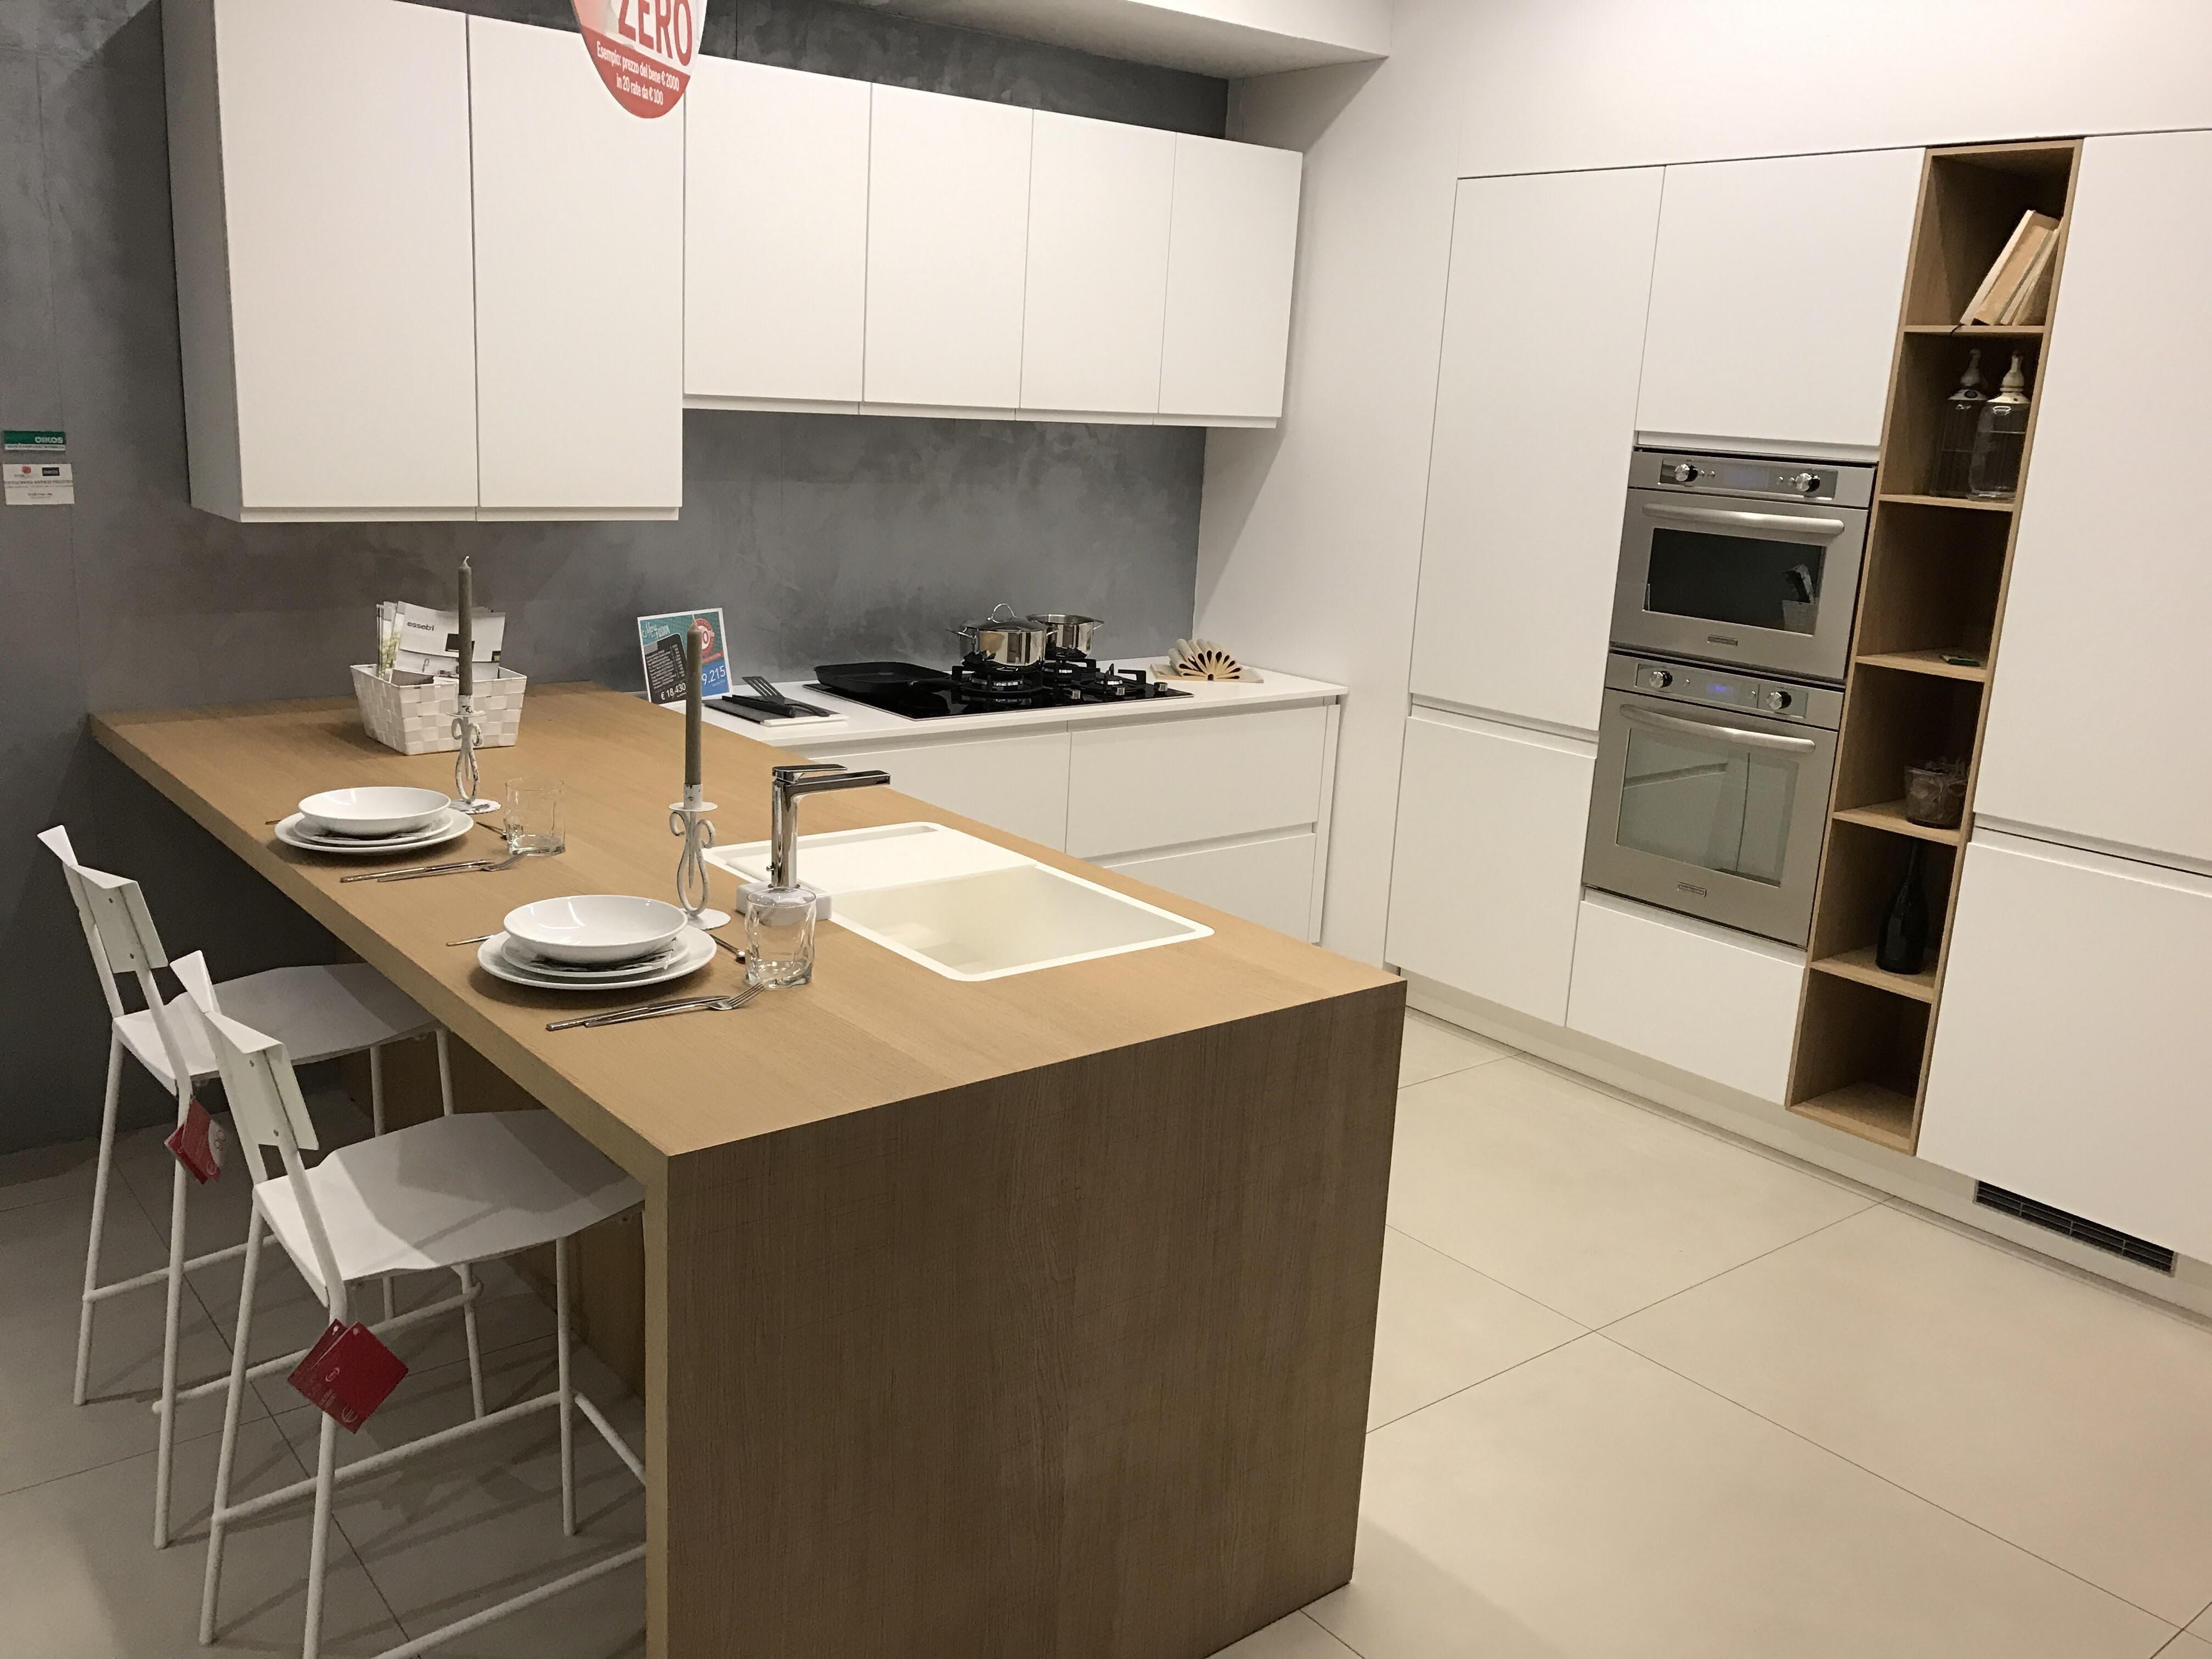 Essebi cucine cucina fusion moderno polimerico opaco - Cucine essebi prezzi ...